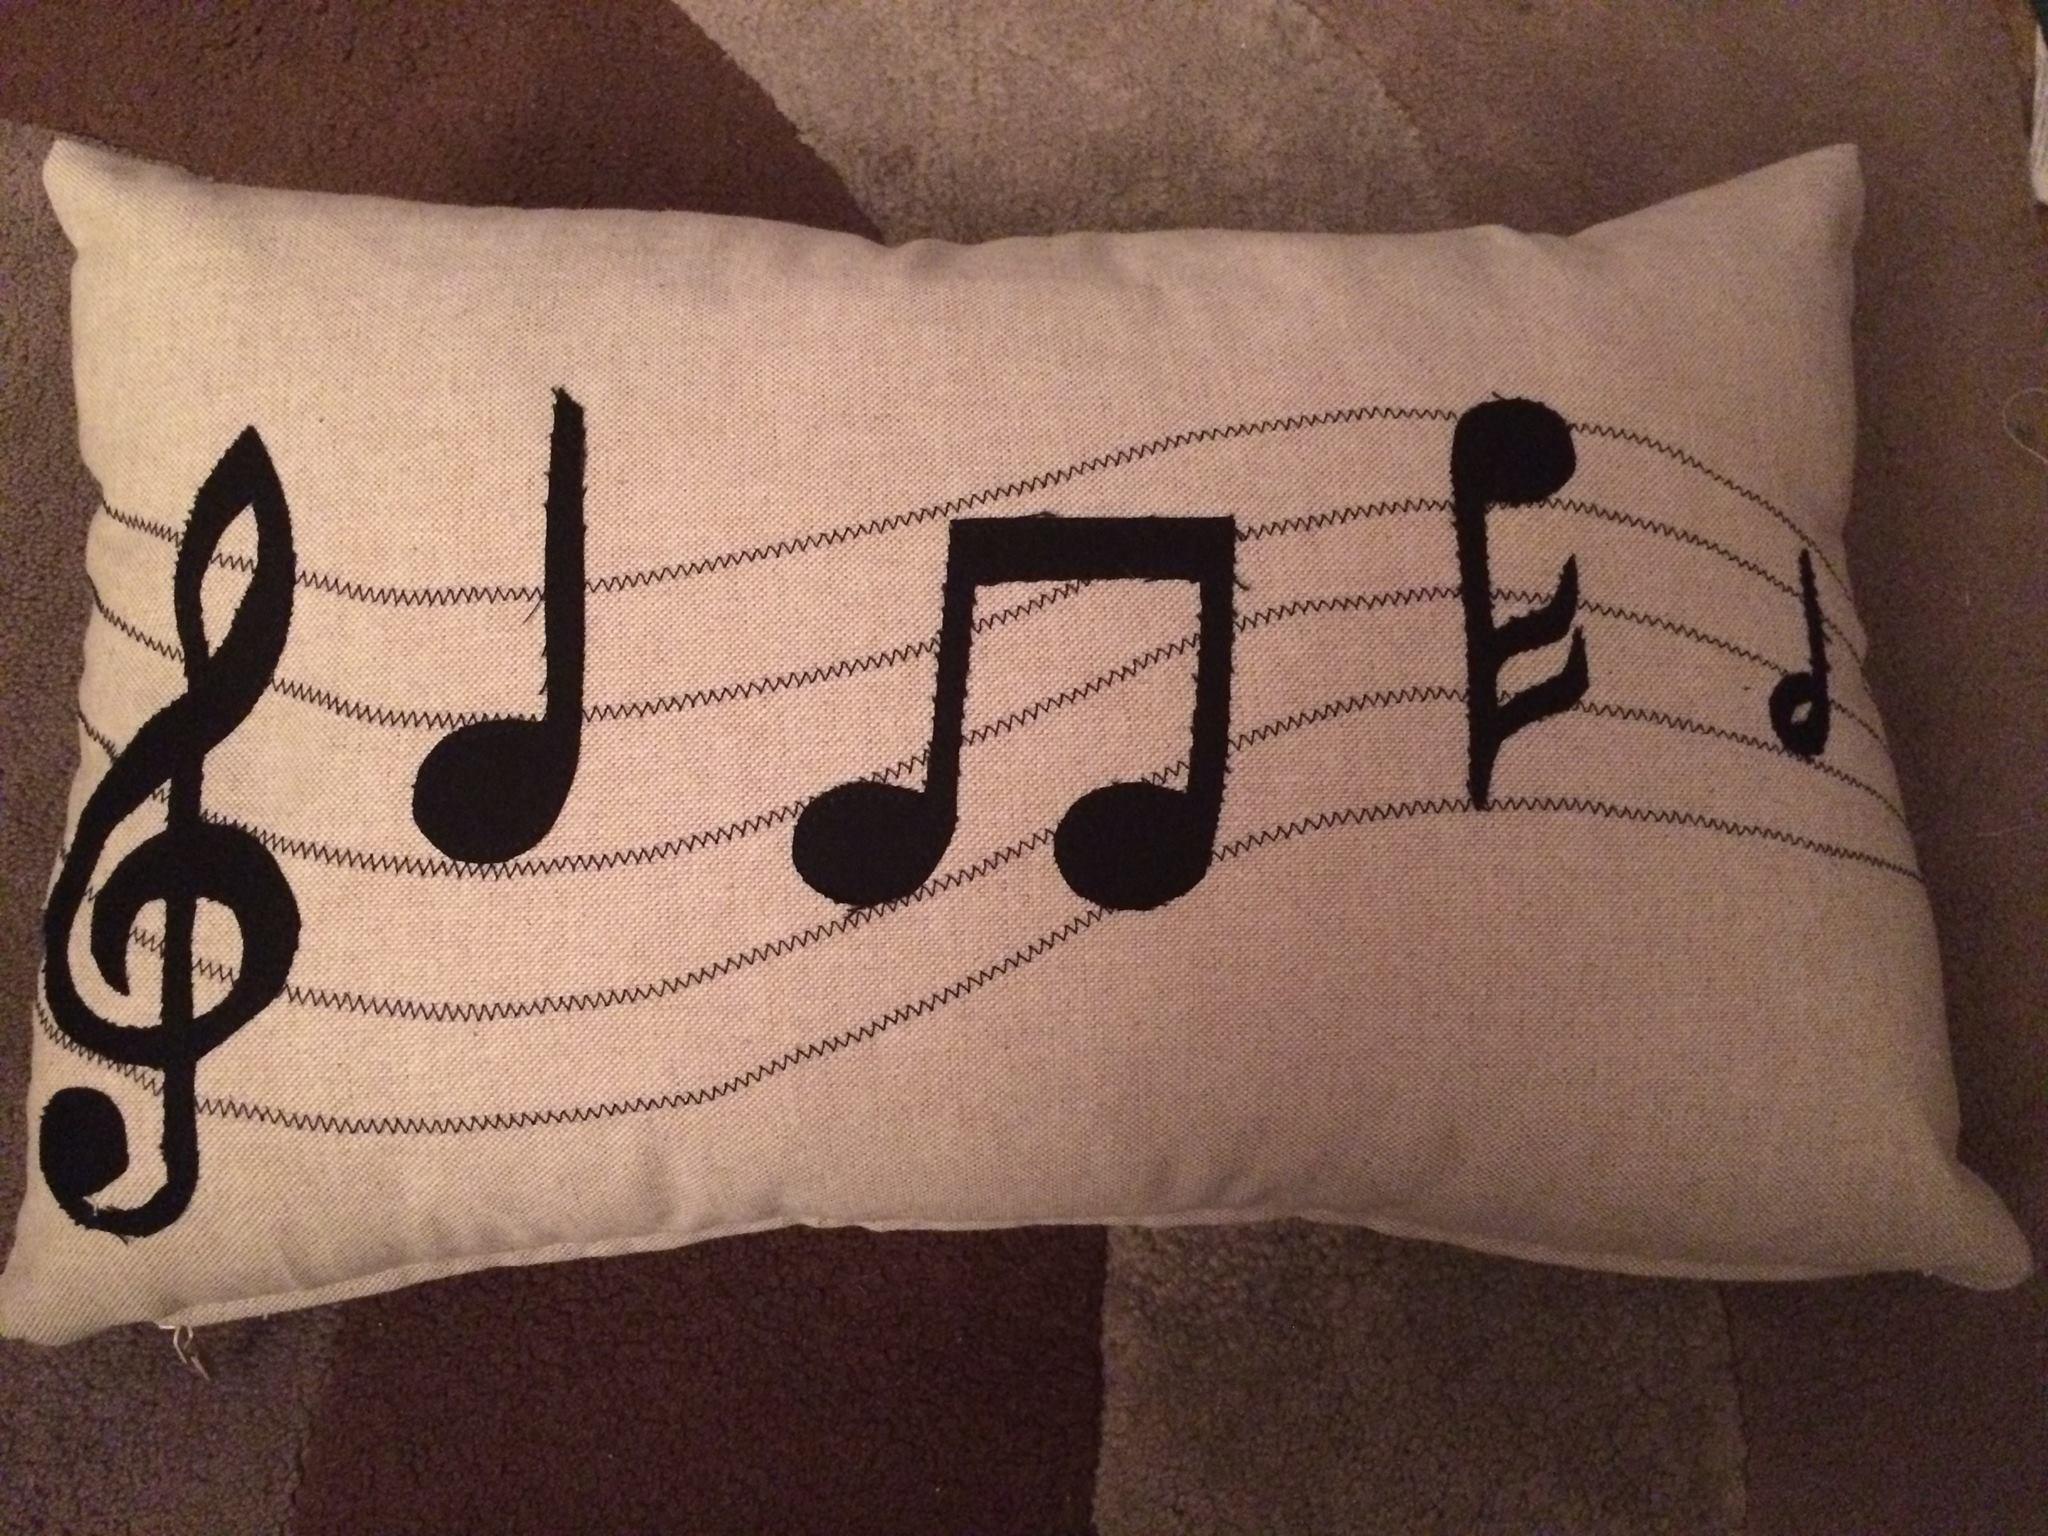 Cath's Appliqued Zipped Cushion